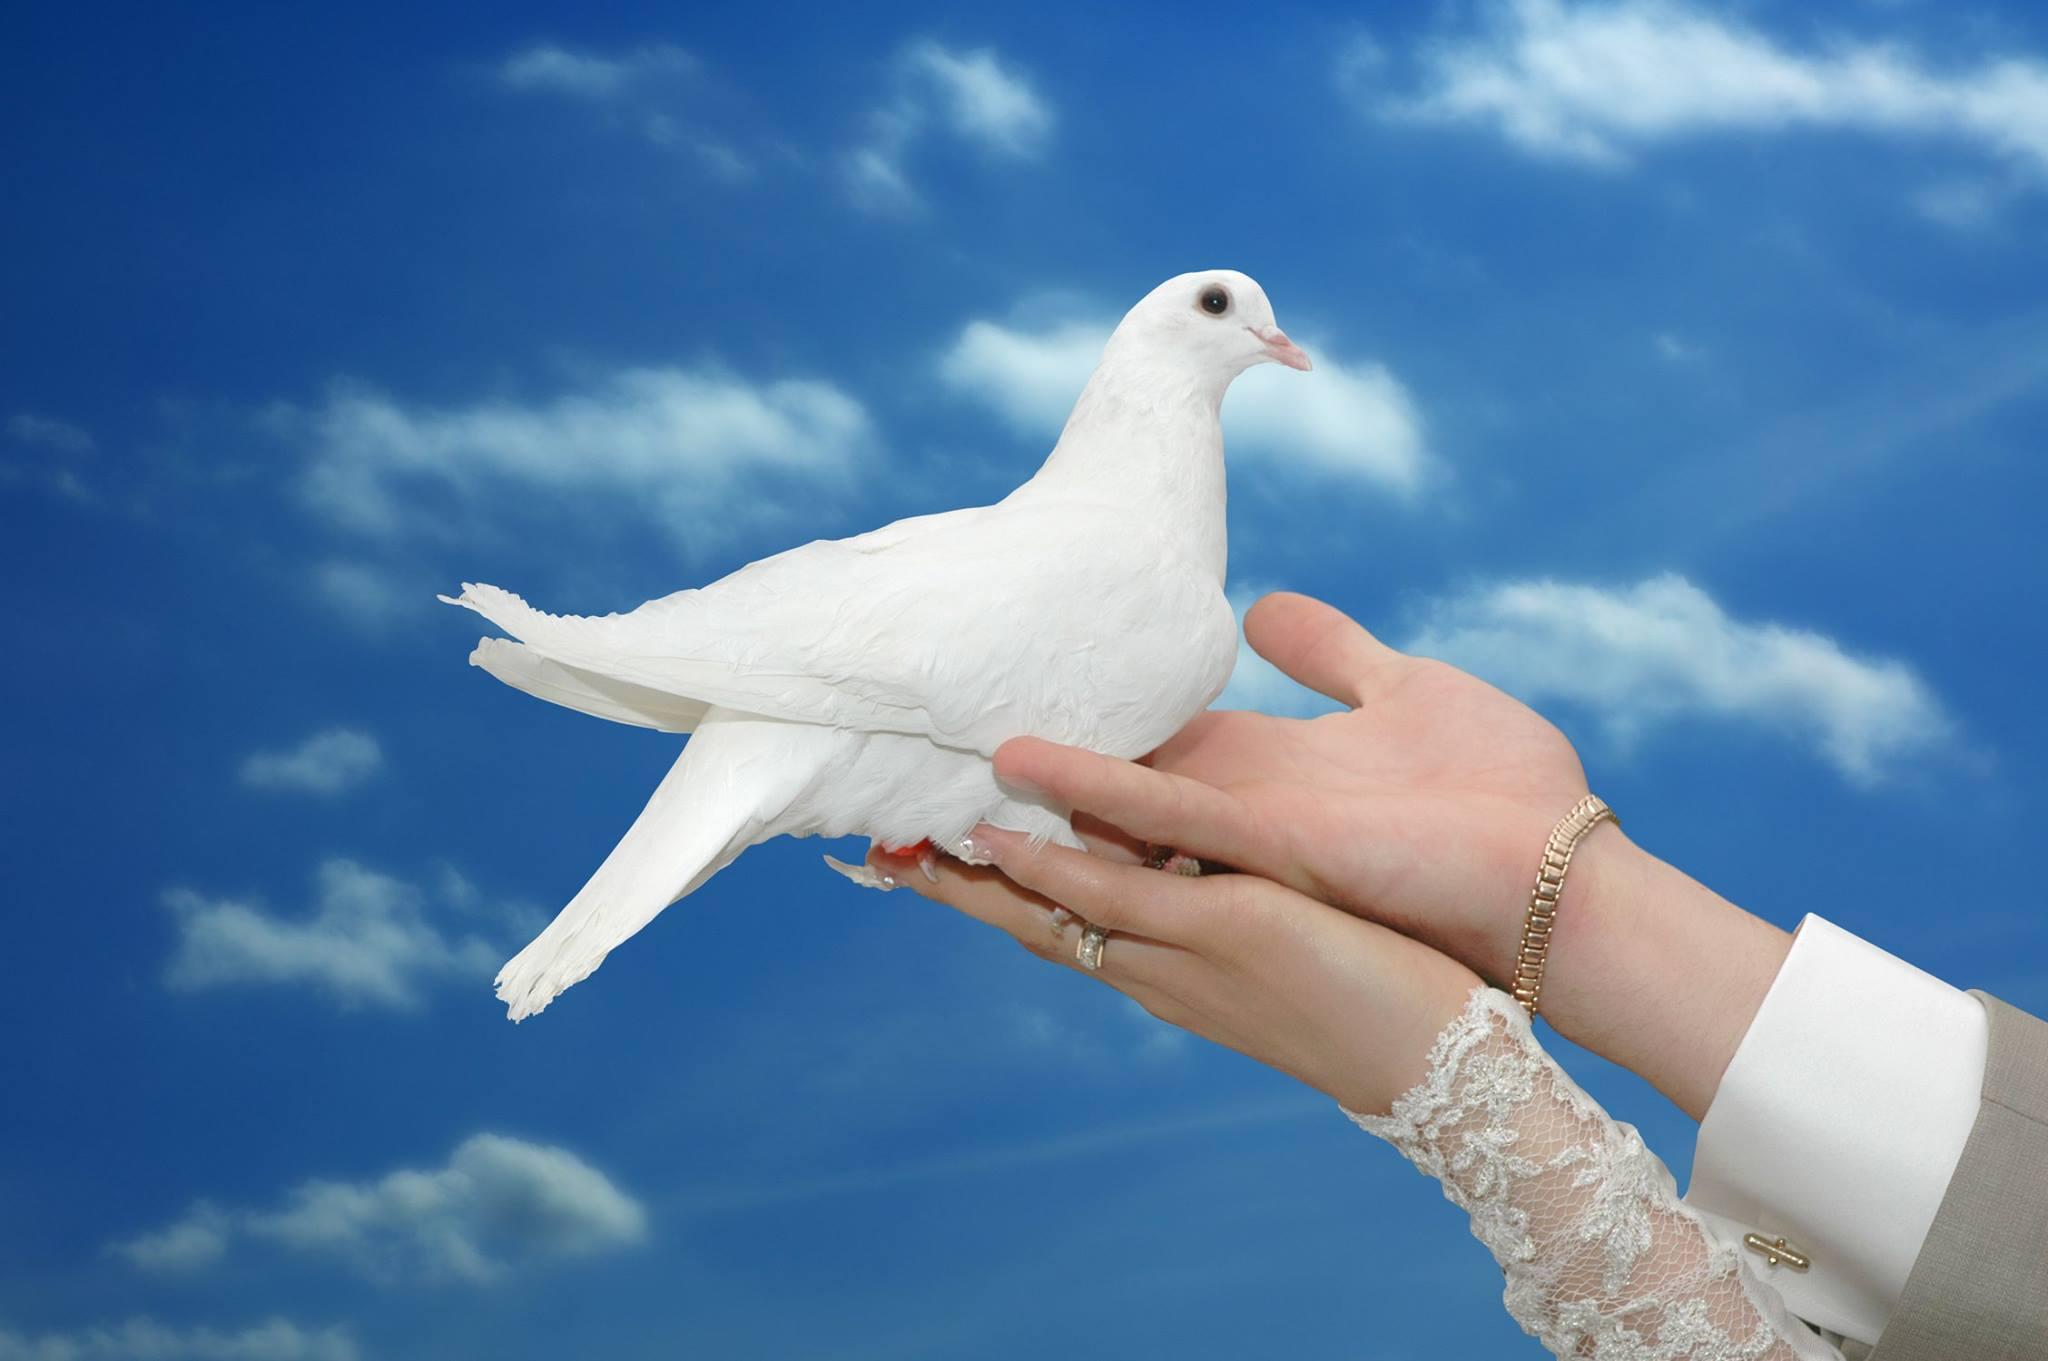 صور حمام طيور جميلة اجمل خلفيات طيور جارحة طيور جميلة 24